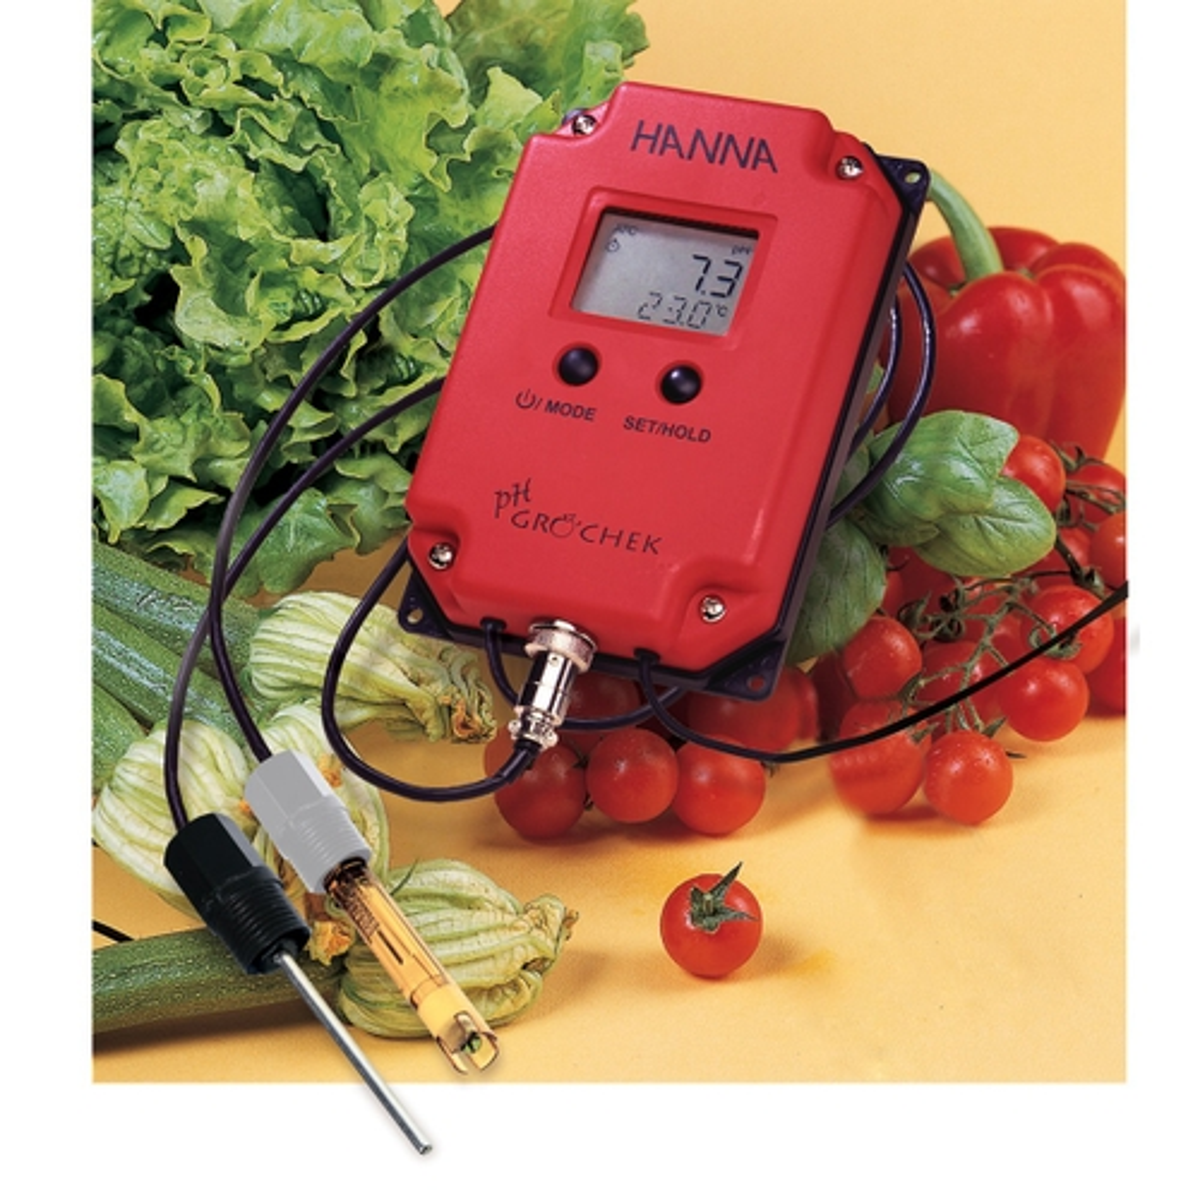 Indicatore di pH e temperatura a microprocessore, completo di elettrodo pH HI 1293D e sonda di temperatura fissa